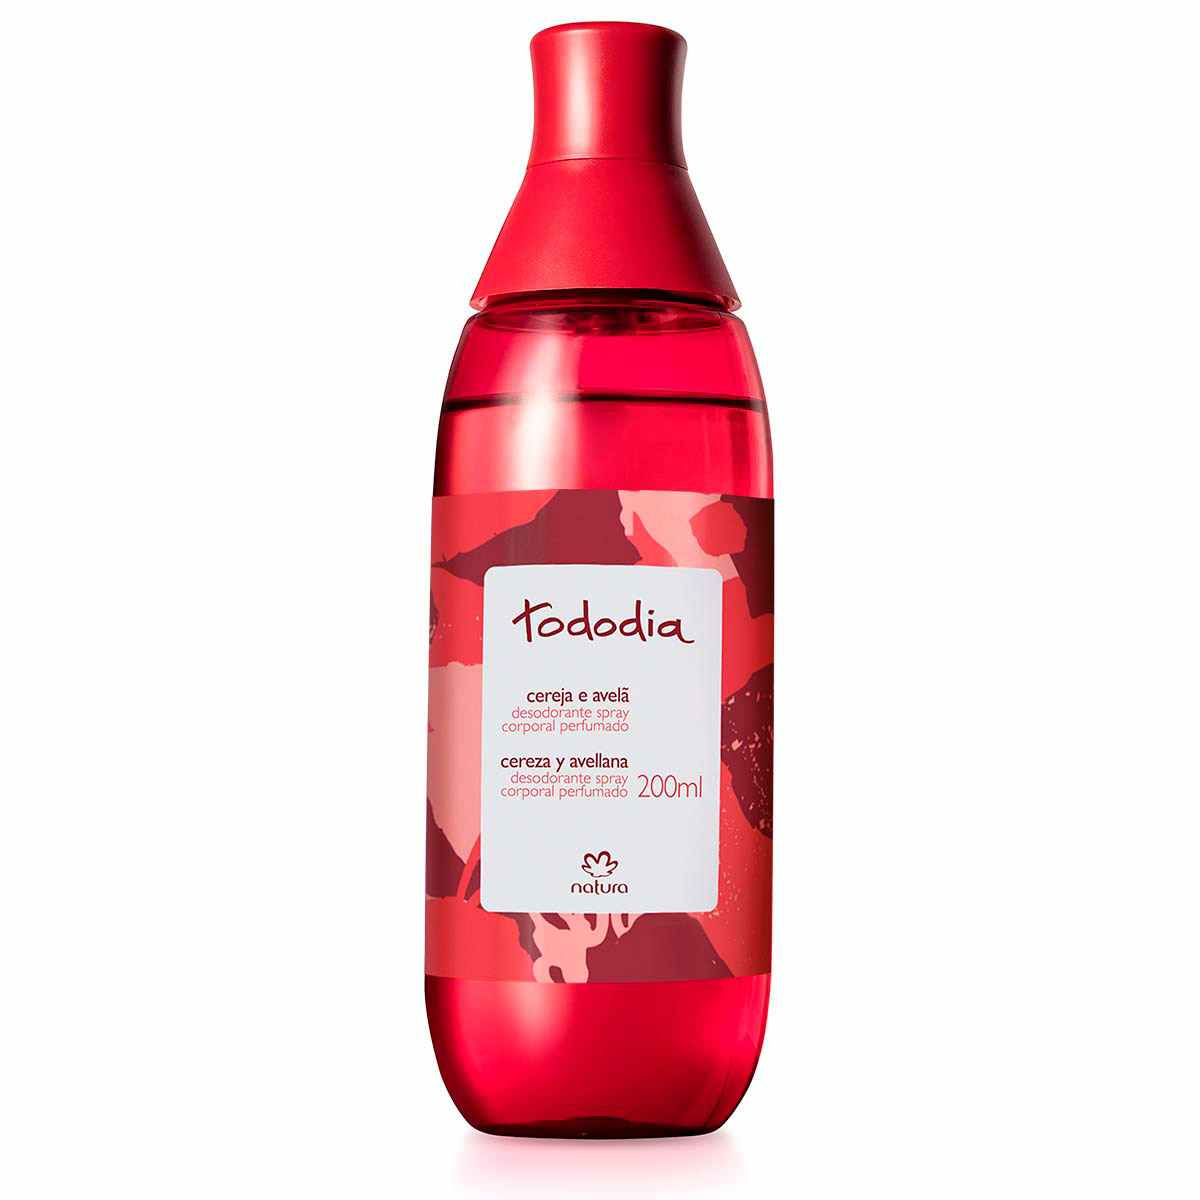 Natura Tododia Cereja e Avelã Desodorante Spray Corporal Perfumado 200ml